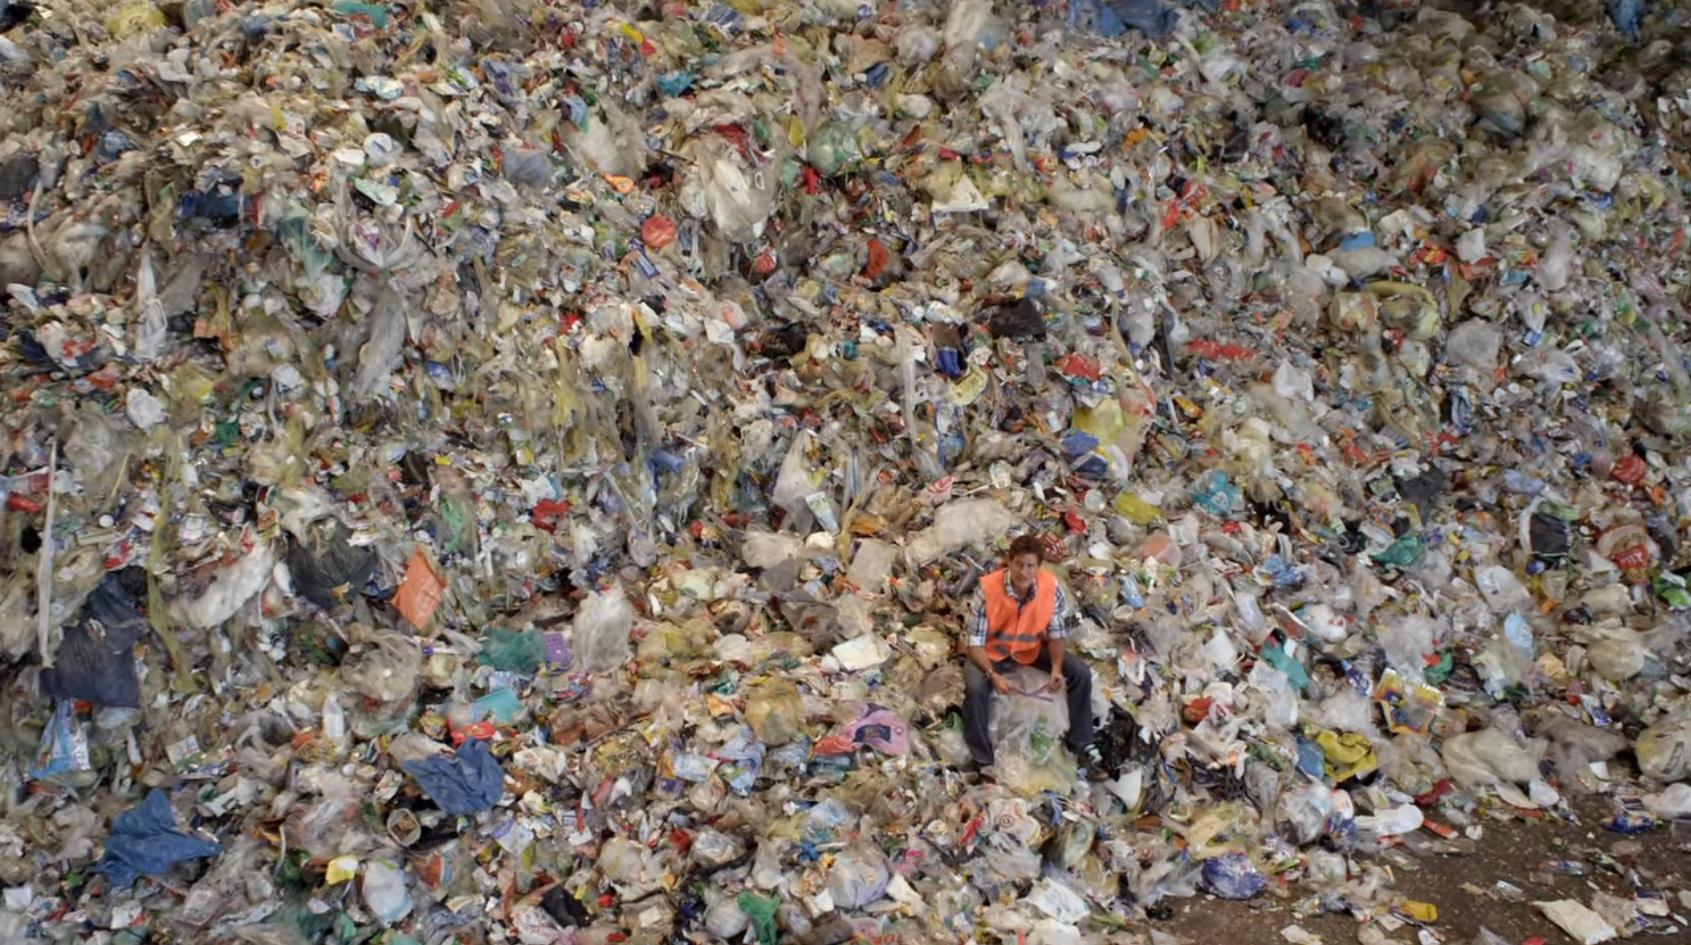 'A Plastic Ocean: ห้วงมหาสมุทรพลาสติก' วิกฤติหนักแห่งท้องทะเลที่มนุษย์ต้องเร่งแก้ไข